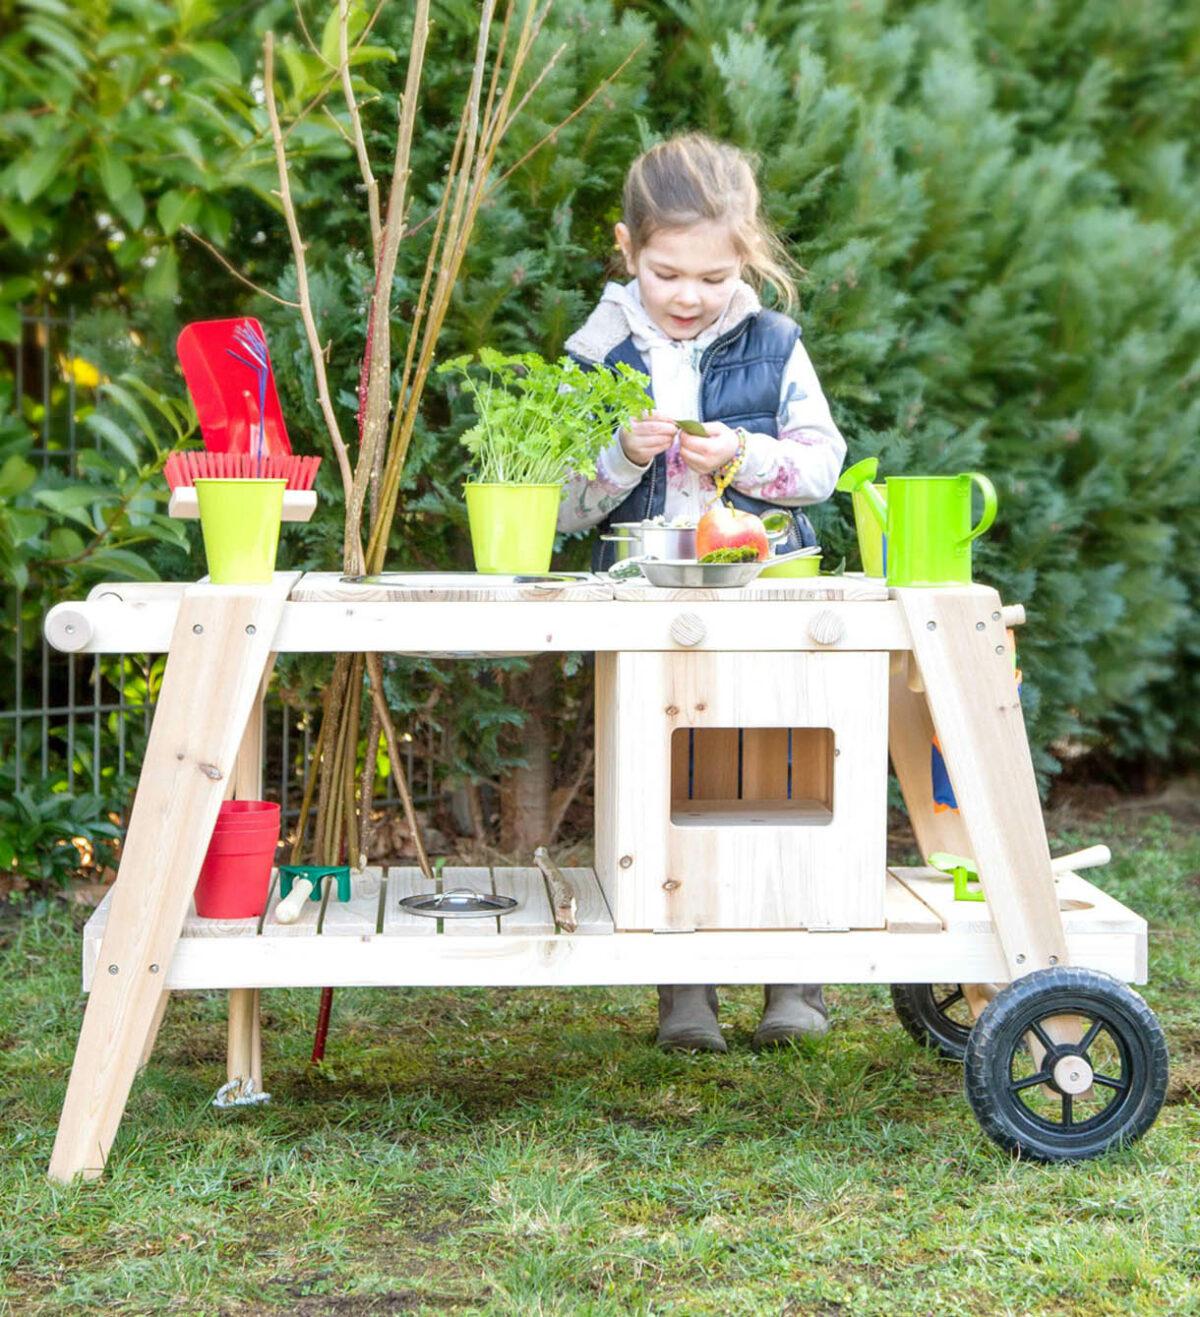 modderkeuken voor kinderen met wielen